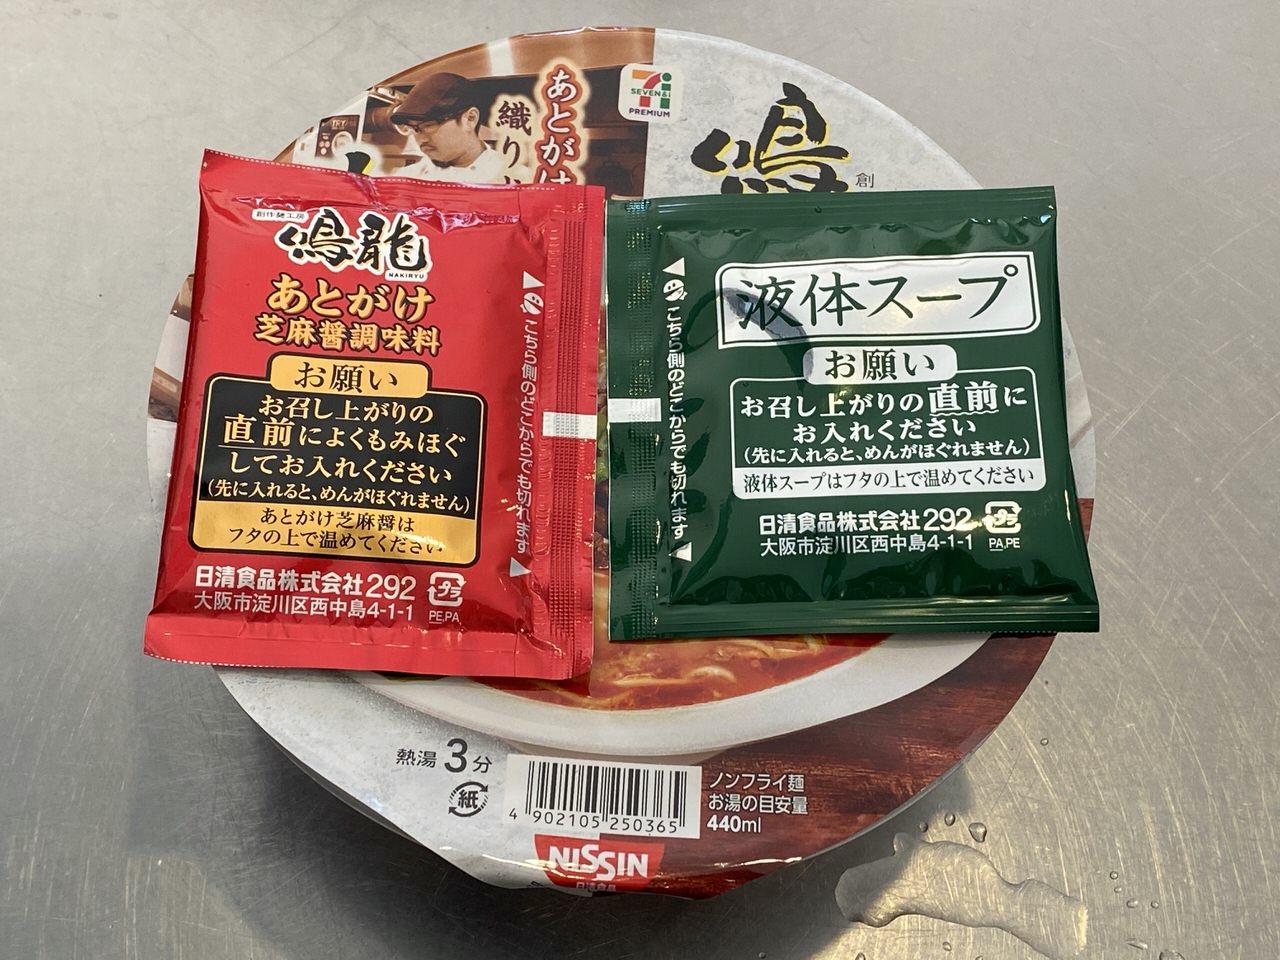 【セブンイレブン】「鳴龍 担担麺」3